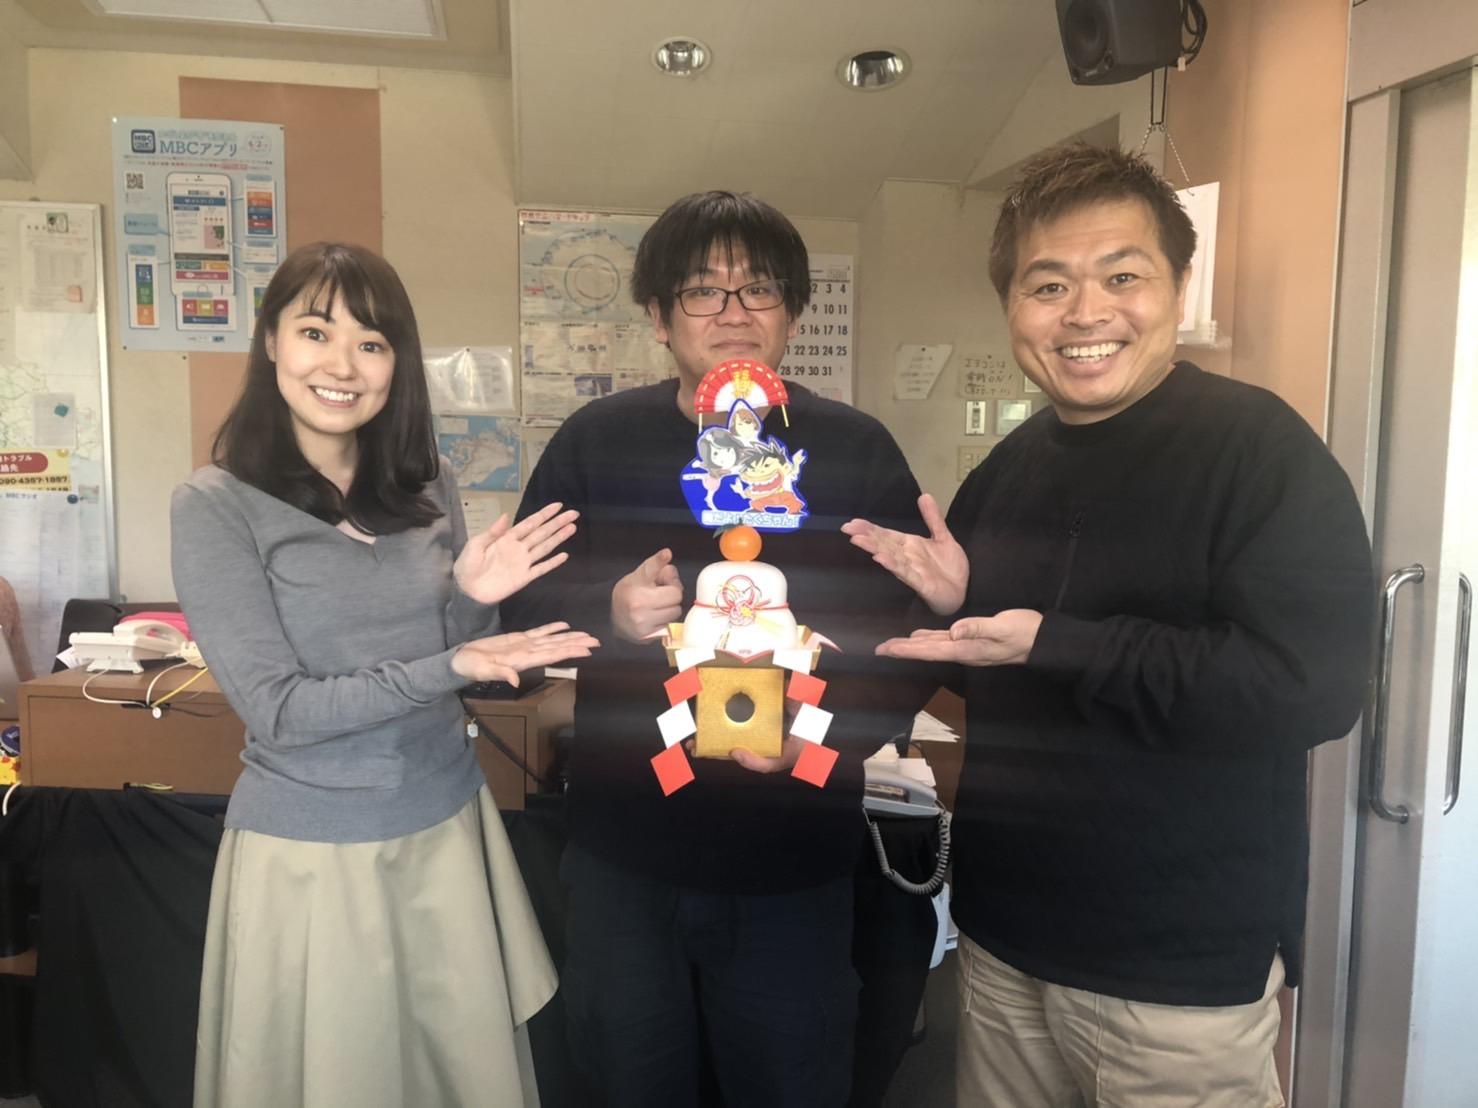 【MBCバズかご】KagoshimaniaX2019年12月のアクセスランキング!【2020.1.4】